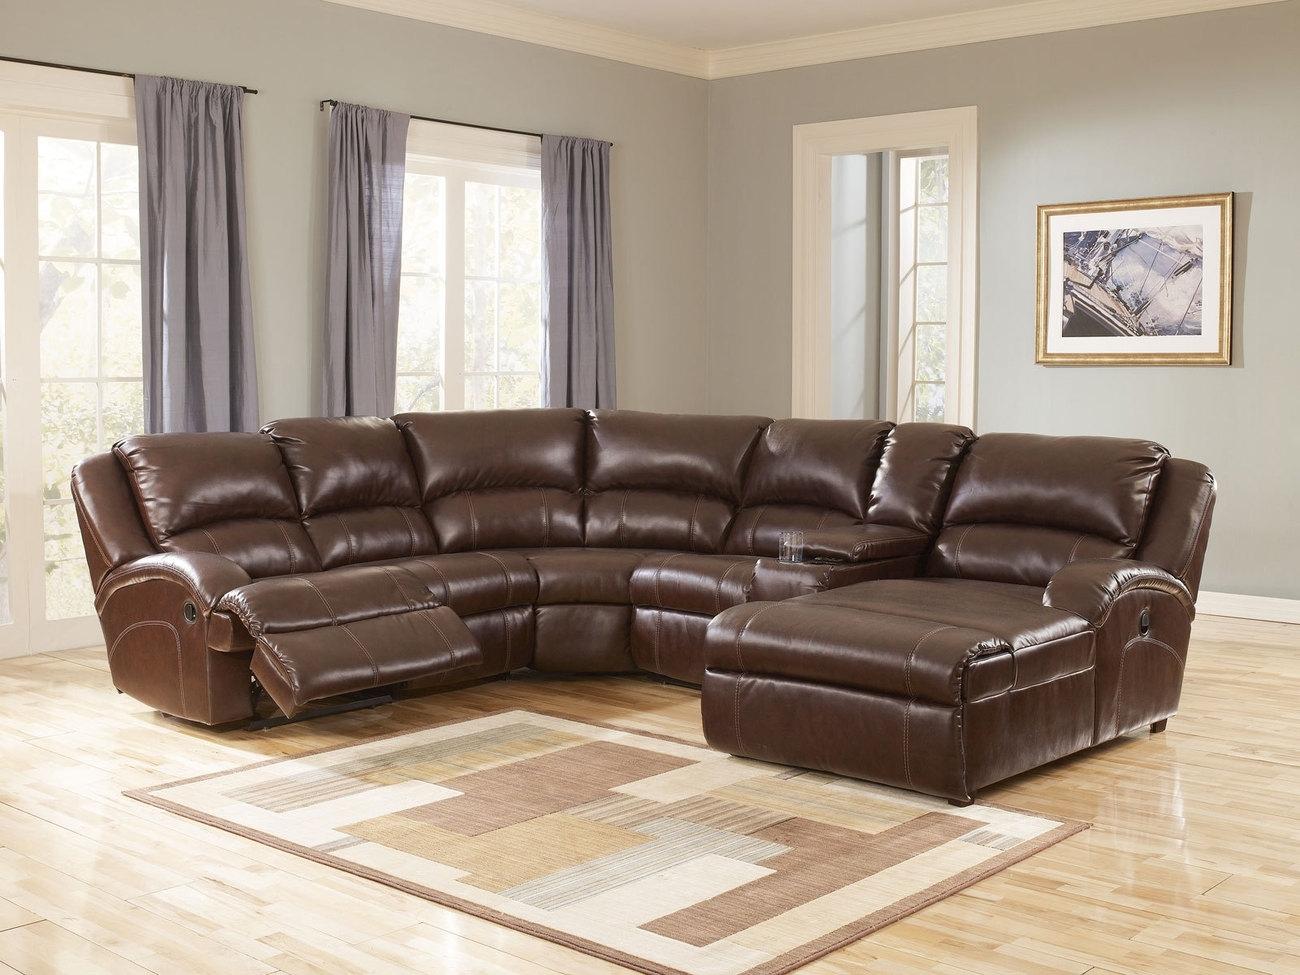 Modern Sectional Sofas Toronto – Fjellkjeden For Sectional Sofas In Toronto (View 8 of 10)